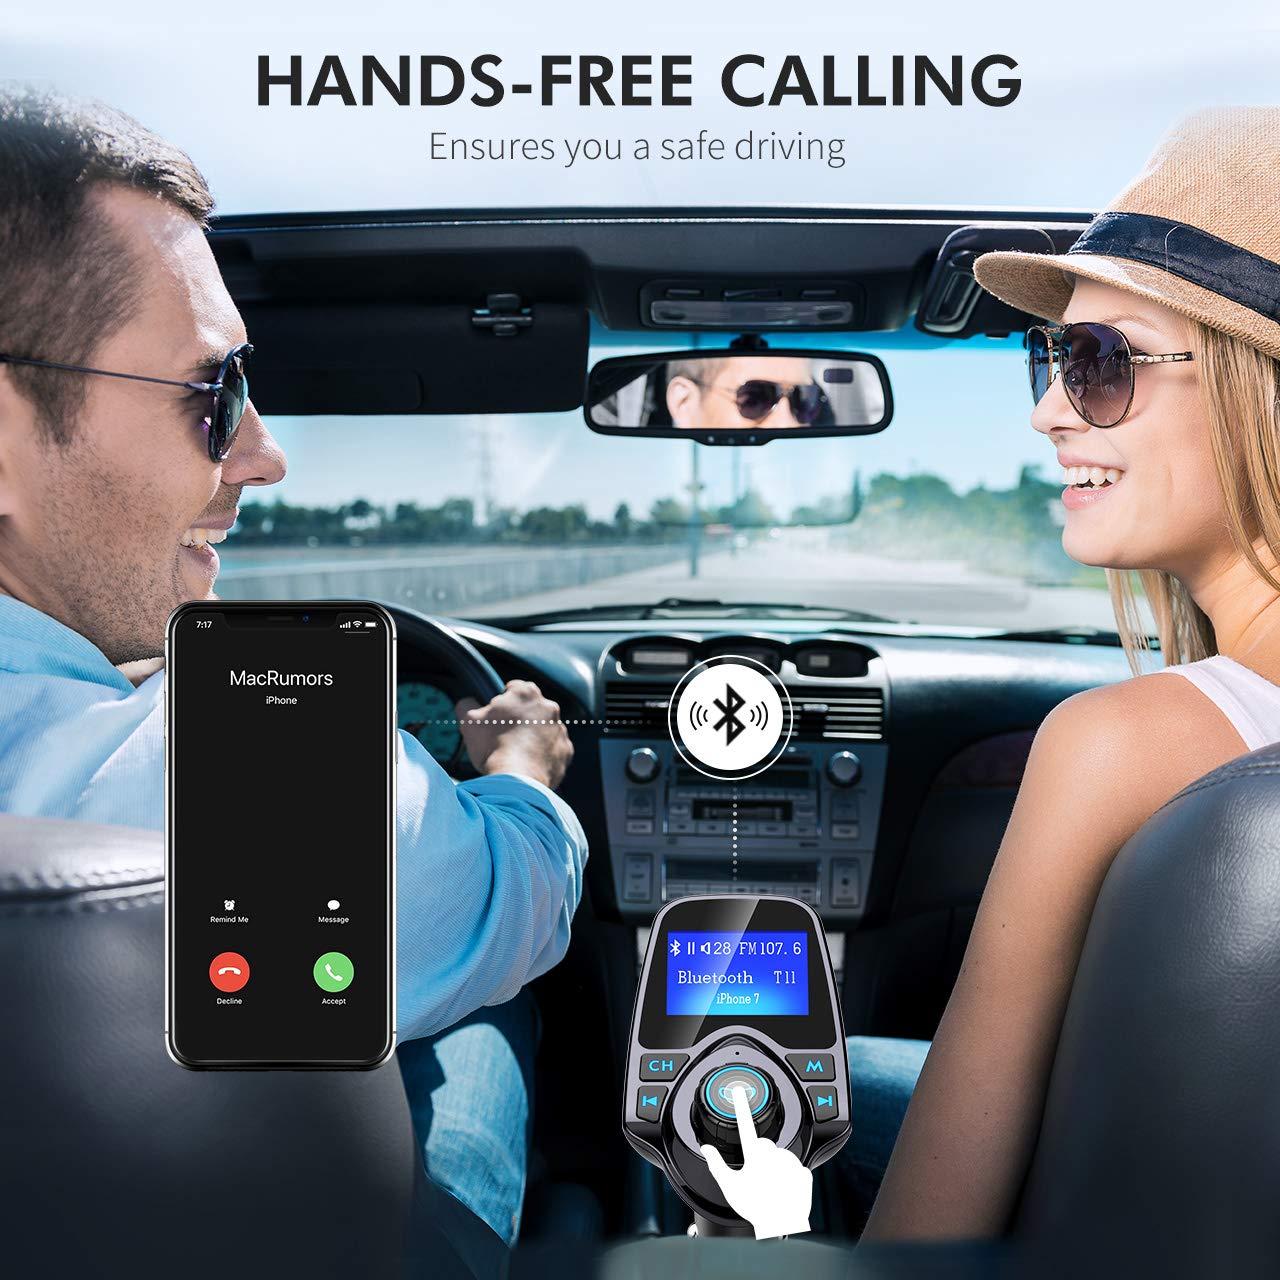 Mpow Transmetteur FM Bluetooth Kit Voiture Mains Libres sans Fil Adaptateur Radio Chargeur Allume Cigare Voiture Double Port USB /Écran 1,44 Port dEntr/ée ou de Sortie 3,5 mm Soutien Carte TF//Cl/é USB